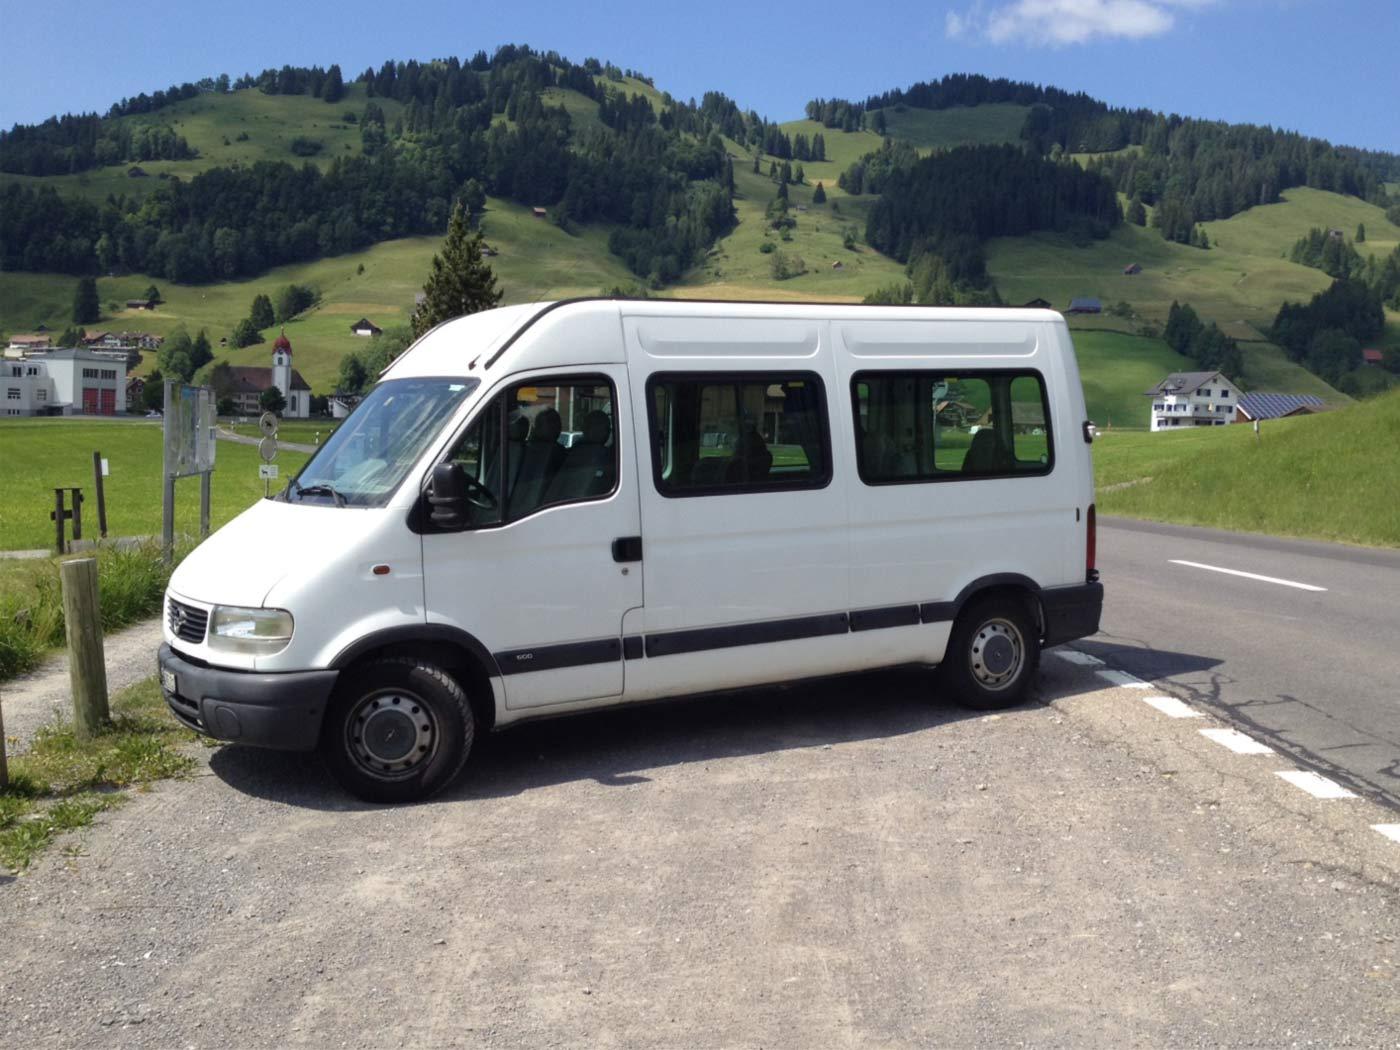 Der neue Magilcift-Bus, ein Opel Movano, steht auf dem Parkplatz beim Skilift in Euthal.